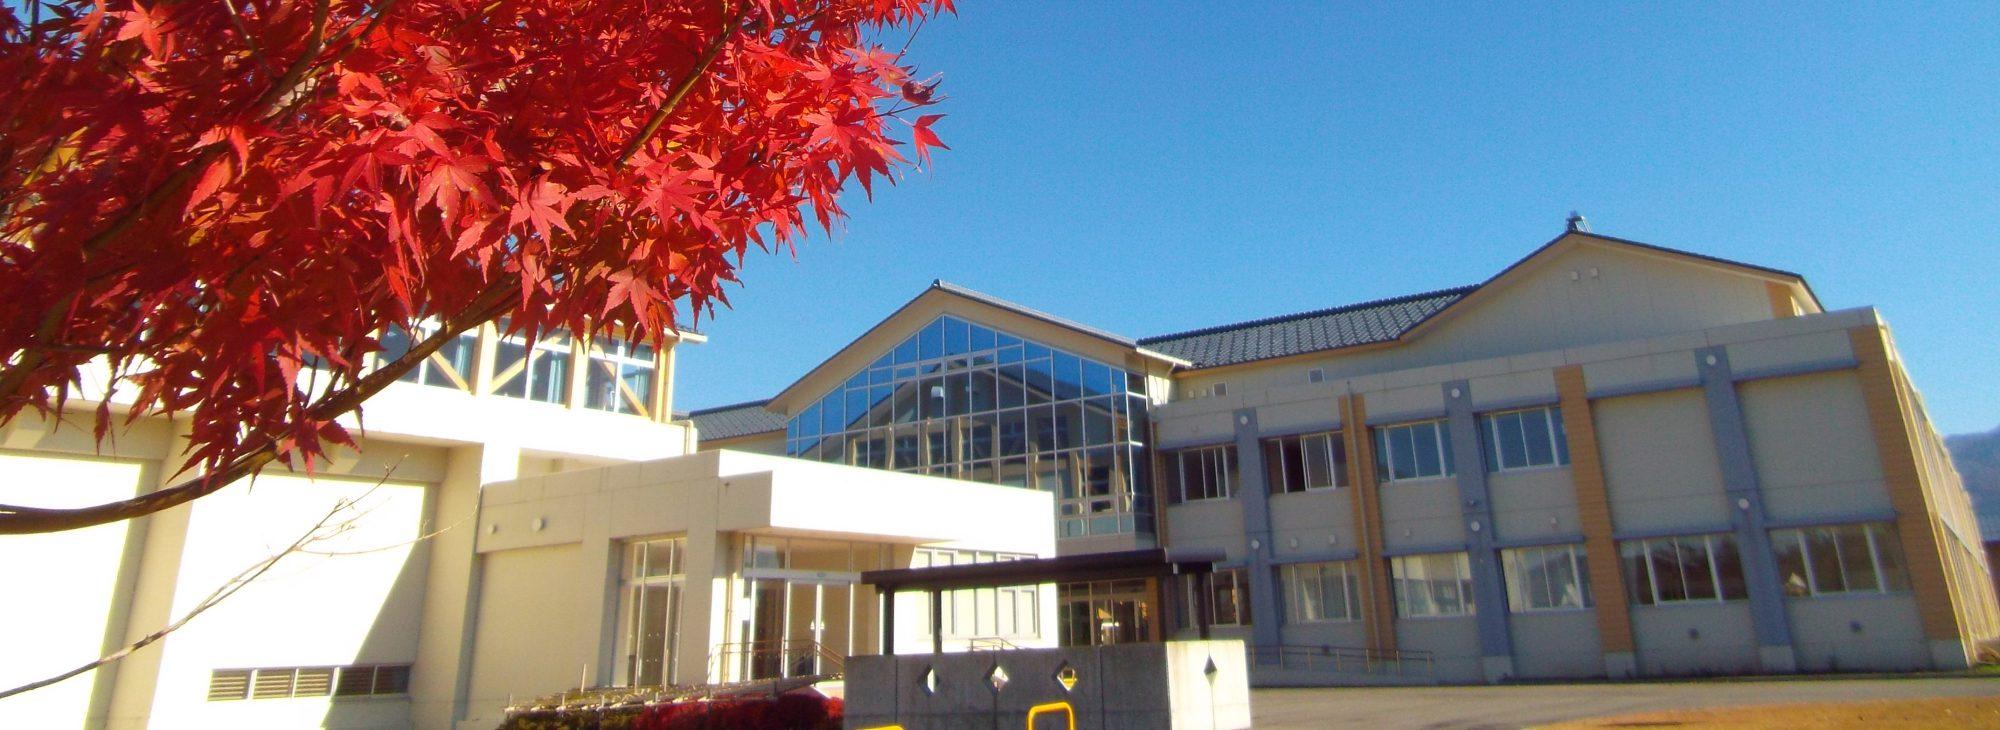 五泉市立愛宕小学校